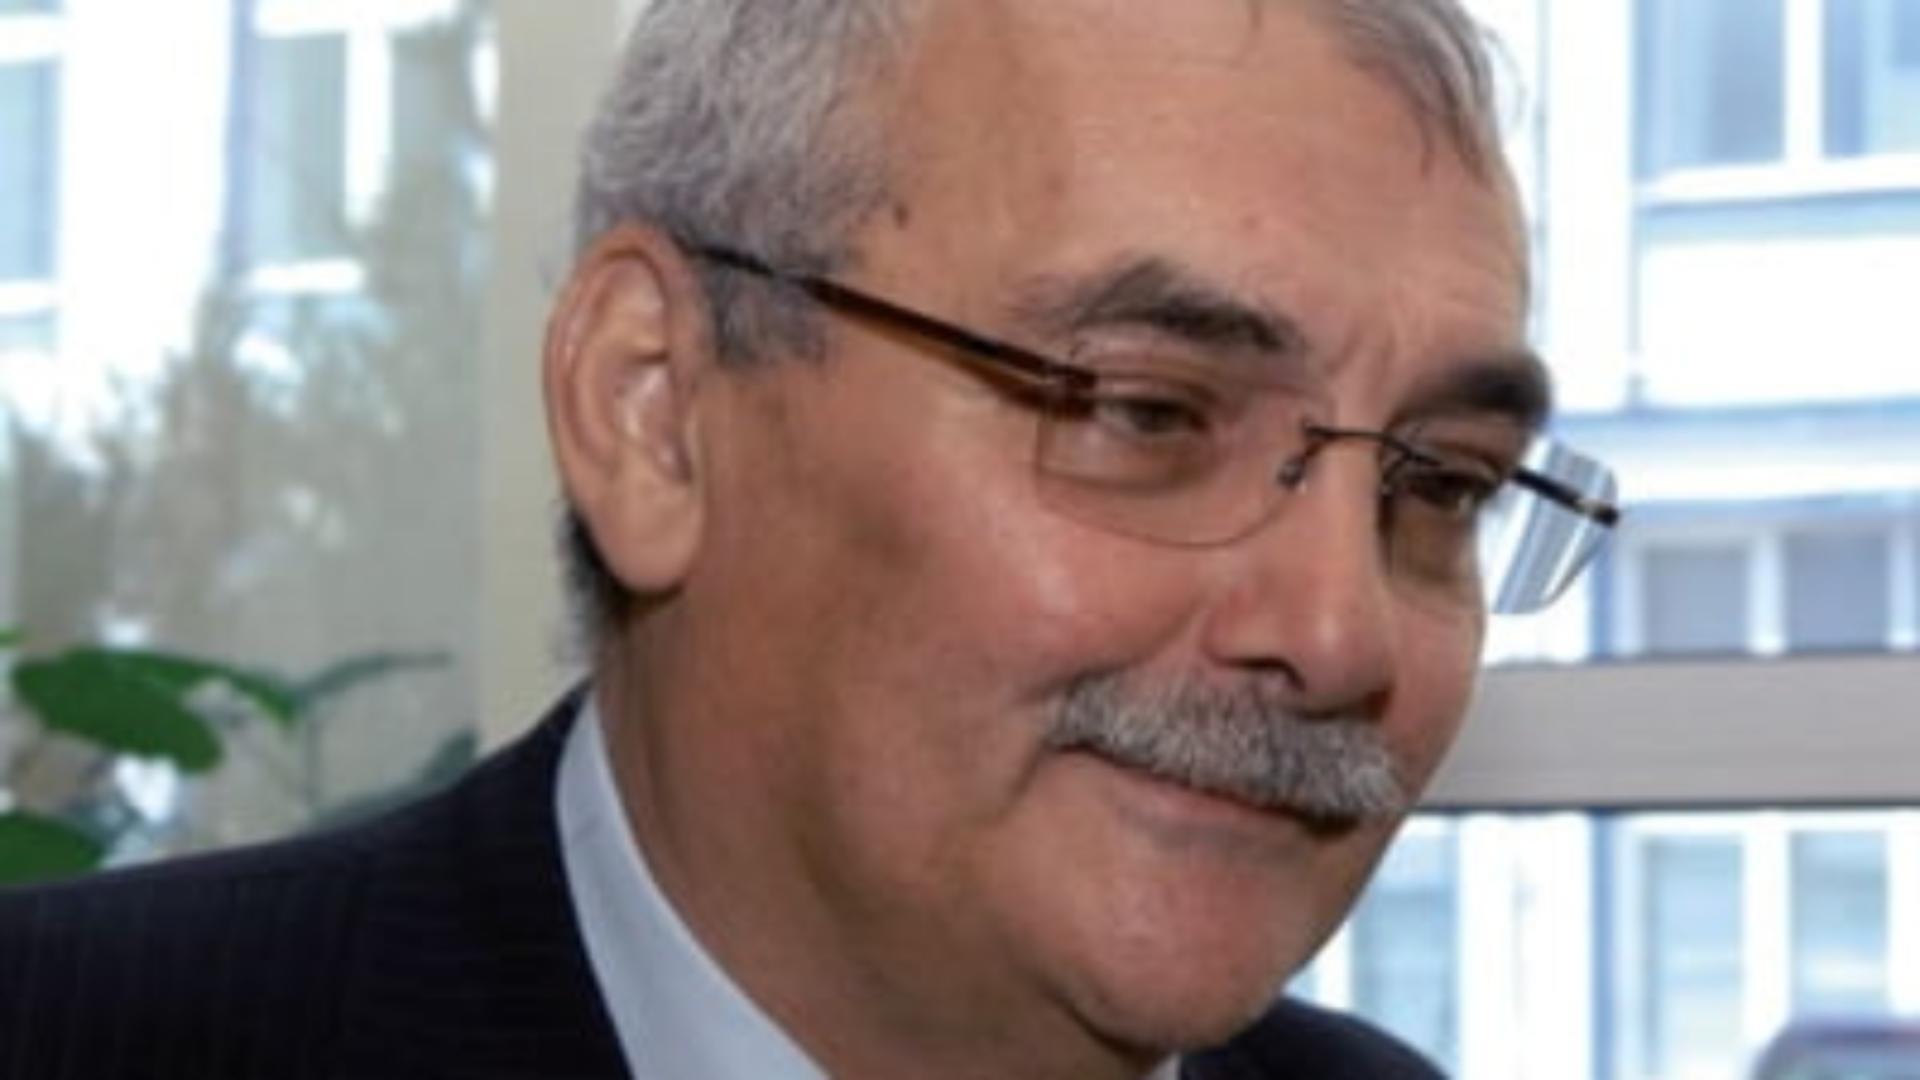 Răzvan Temeșan a condus Bancorex în perioada 1992-1997. A murit în octombrie 2020 de COVID-19.